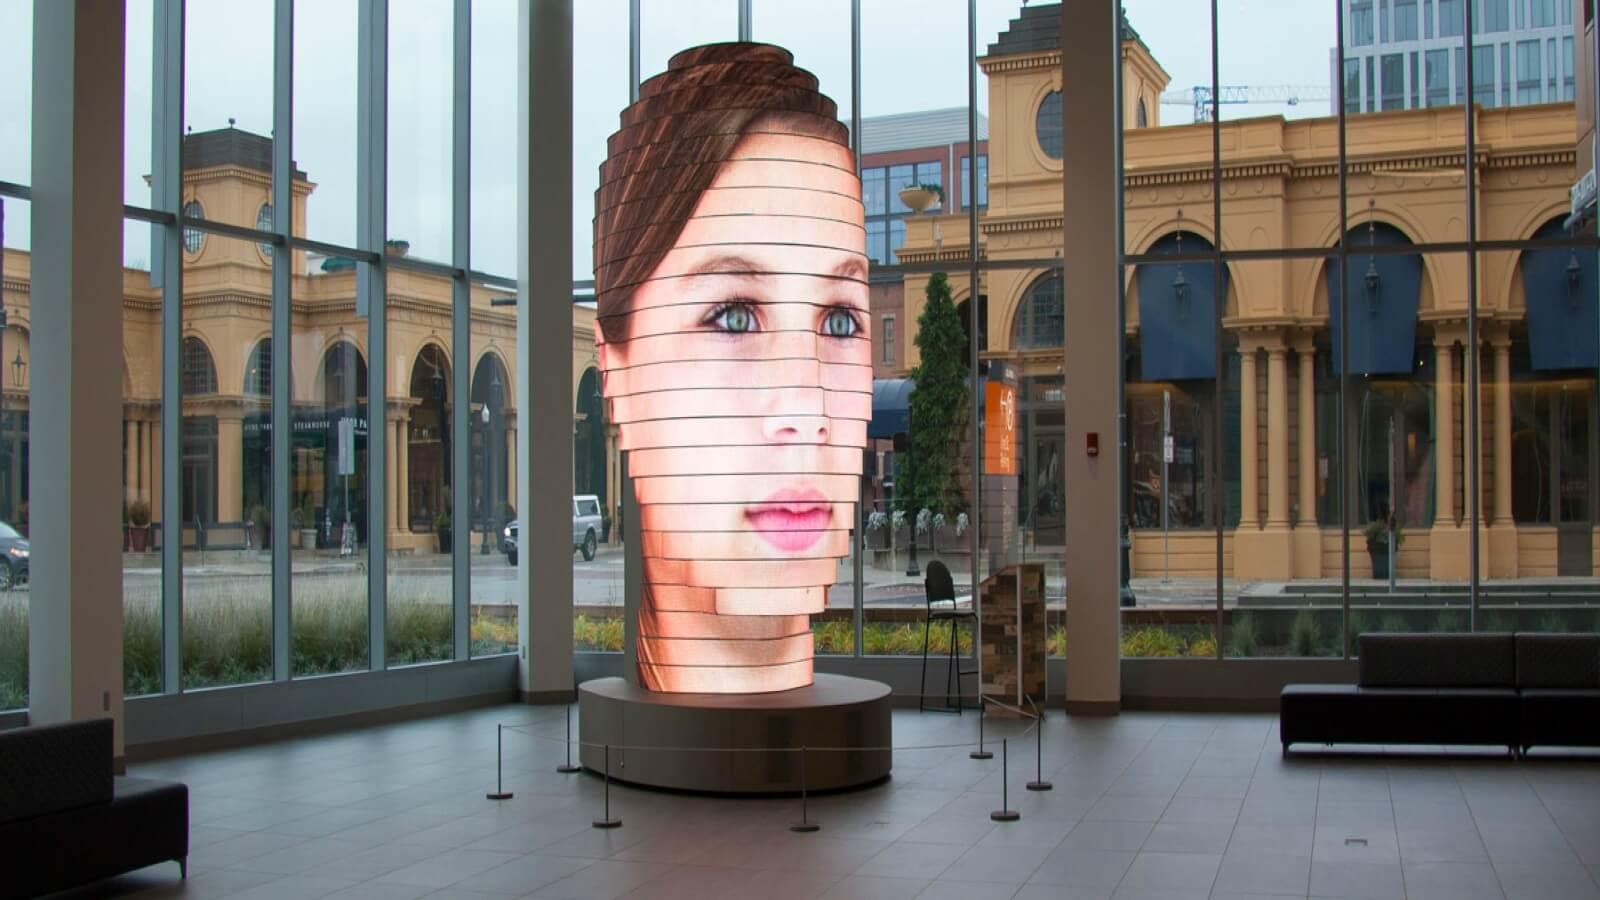 Instalación artística convierte las selfie en una gran escultura ?